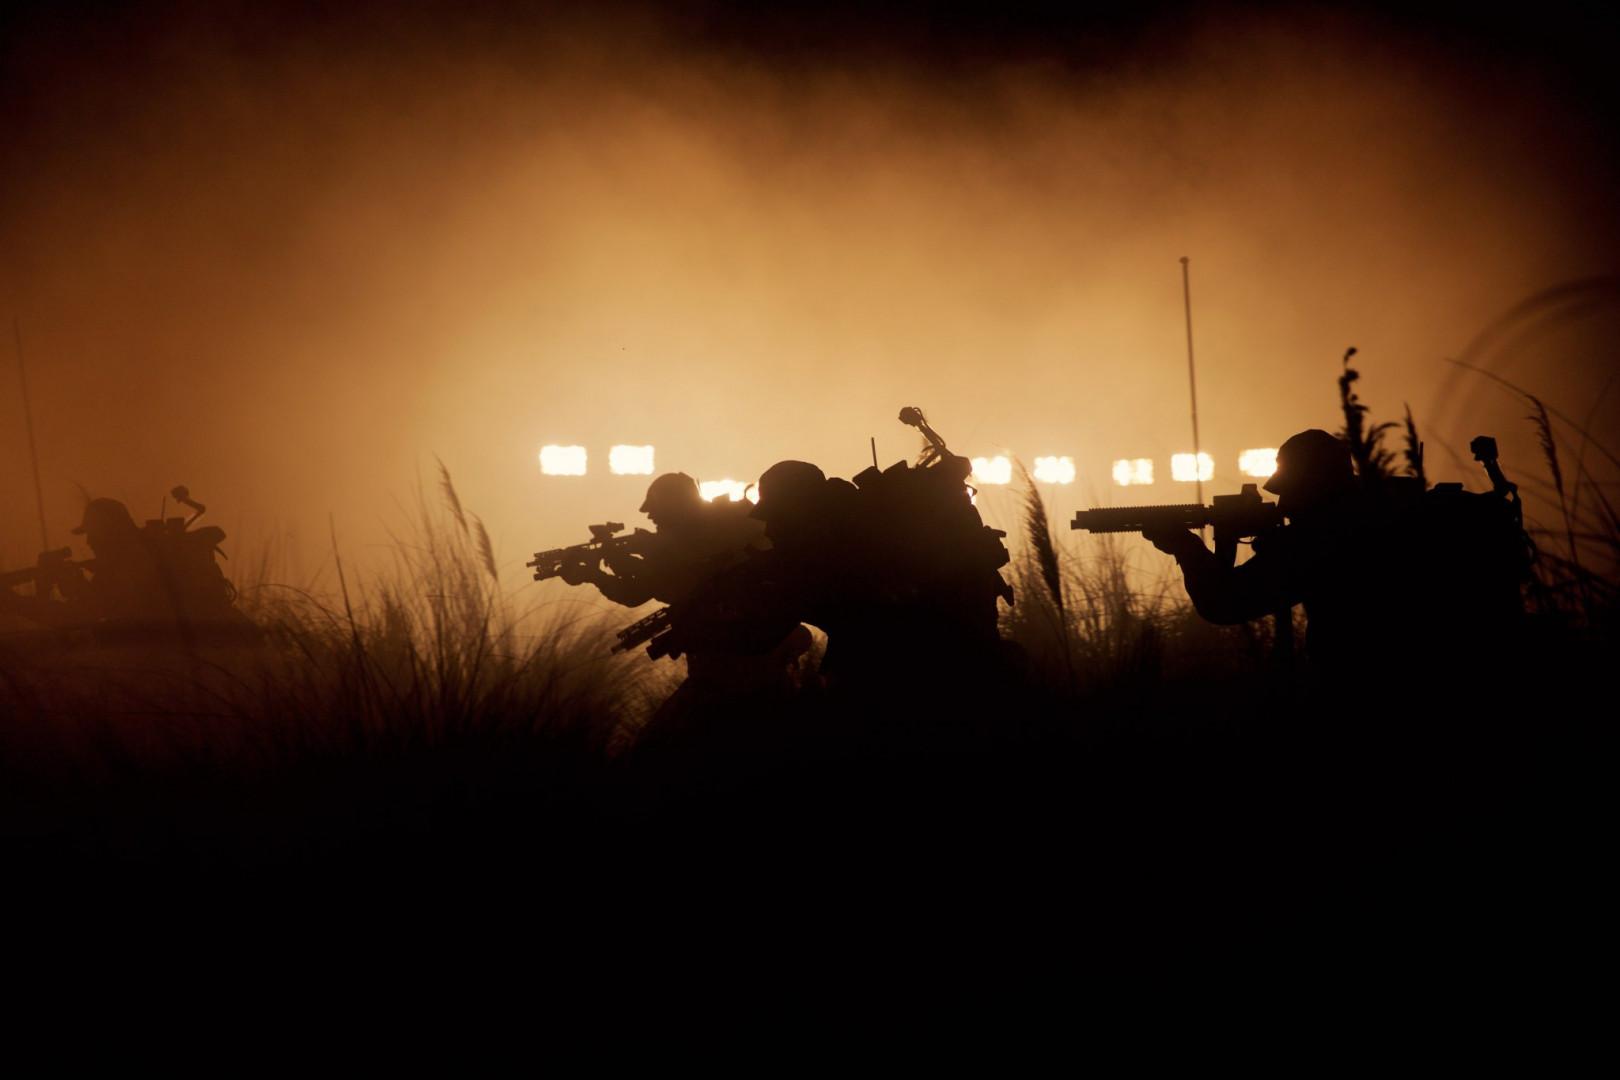 Une scène de bataille qui n'est pas sans rappeler les épisodes de la saga